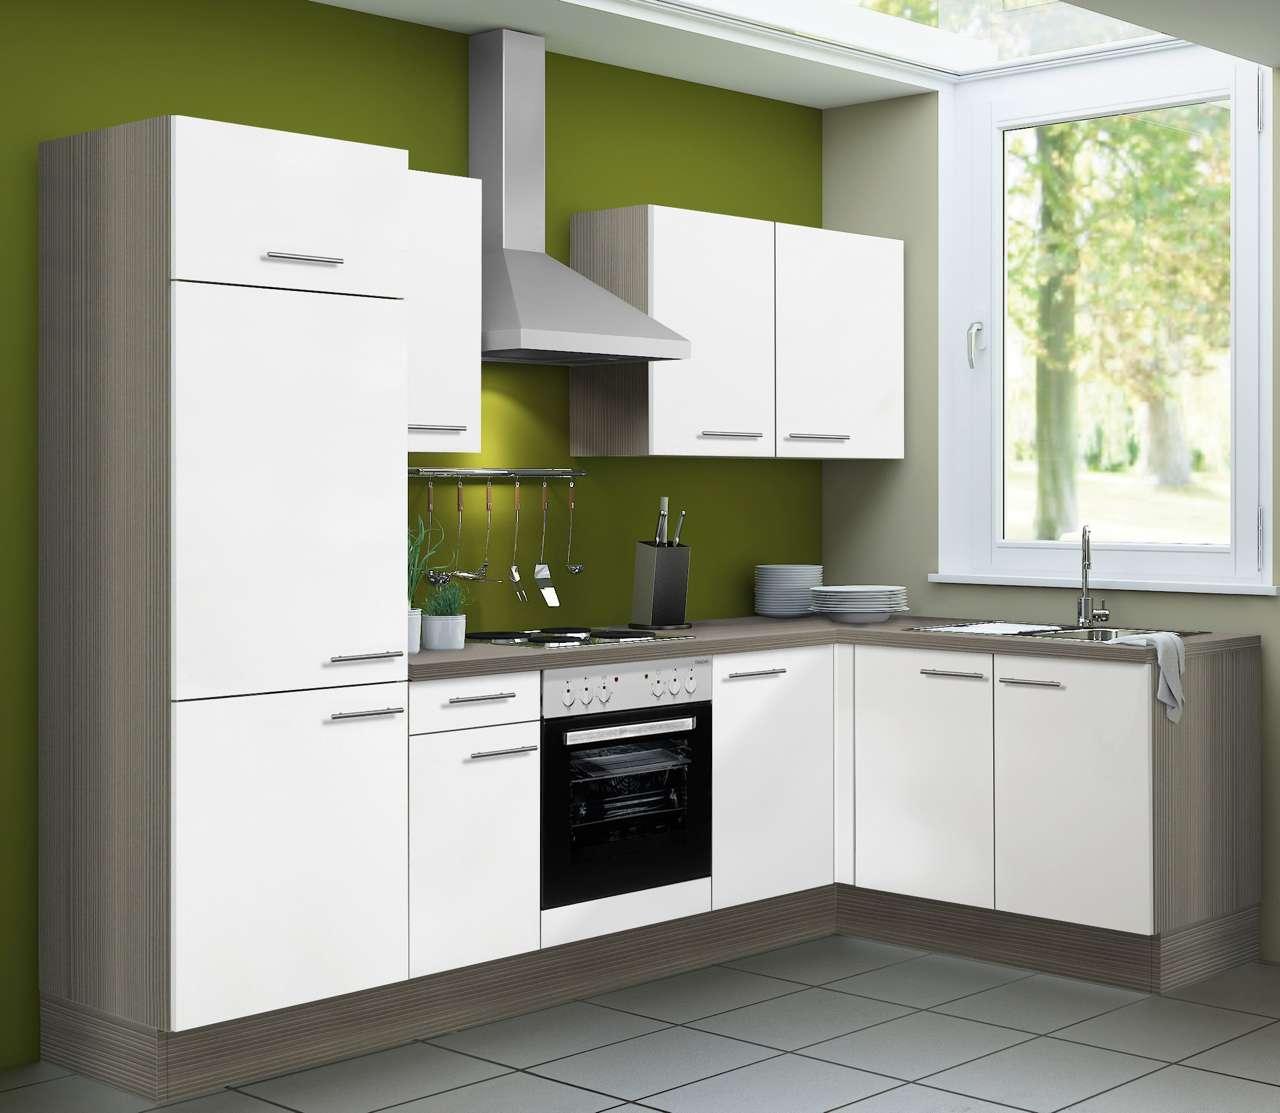 Full Size of Eckküche Mit Elektrogeräten Einbauküche Kaufen Wasserhähne Küche Singleküche E Geräten Industriedesign Tapete Aufbewahrungsbehälter Vorhänge Wohnzimmer Eckschränke Küche